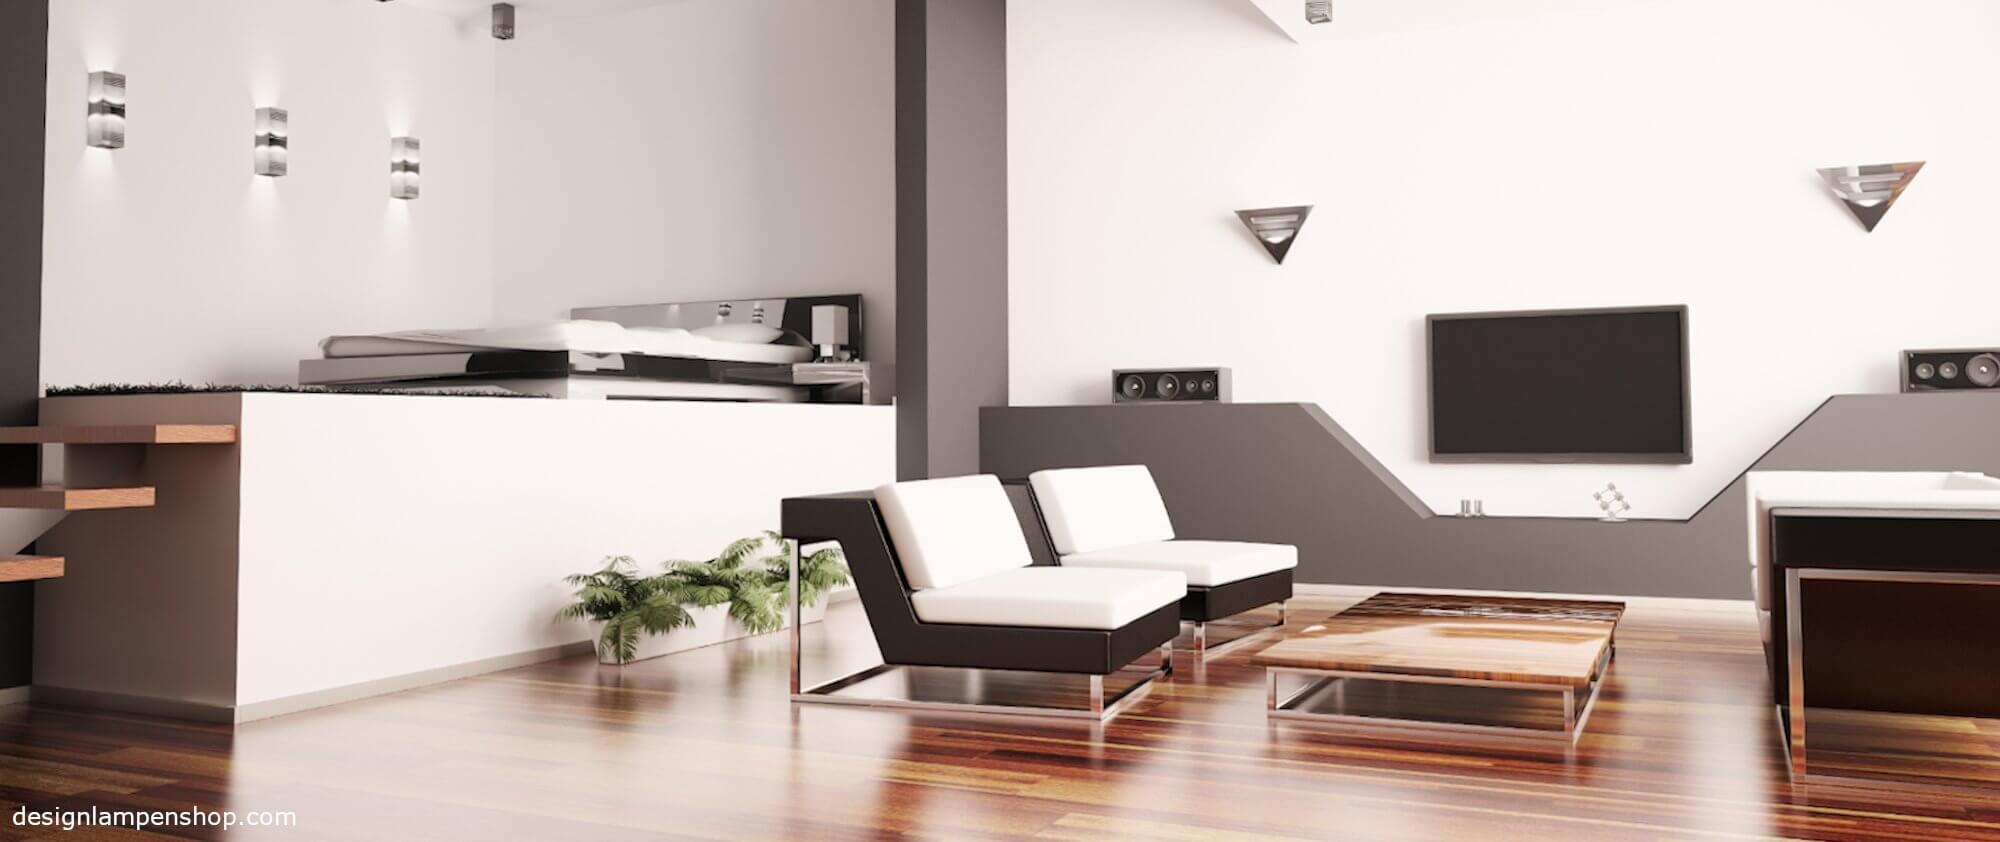 Die Wohnzimmerlampe: Deckenlampe oder Stehlampe